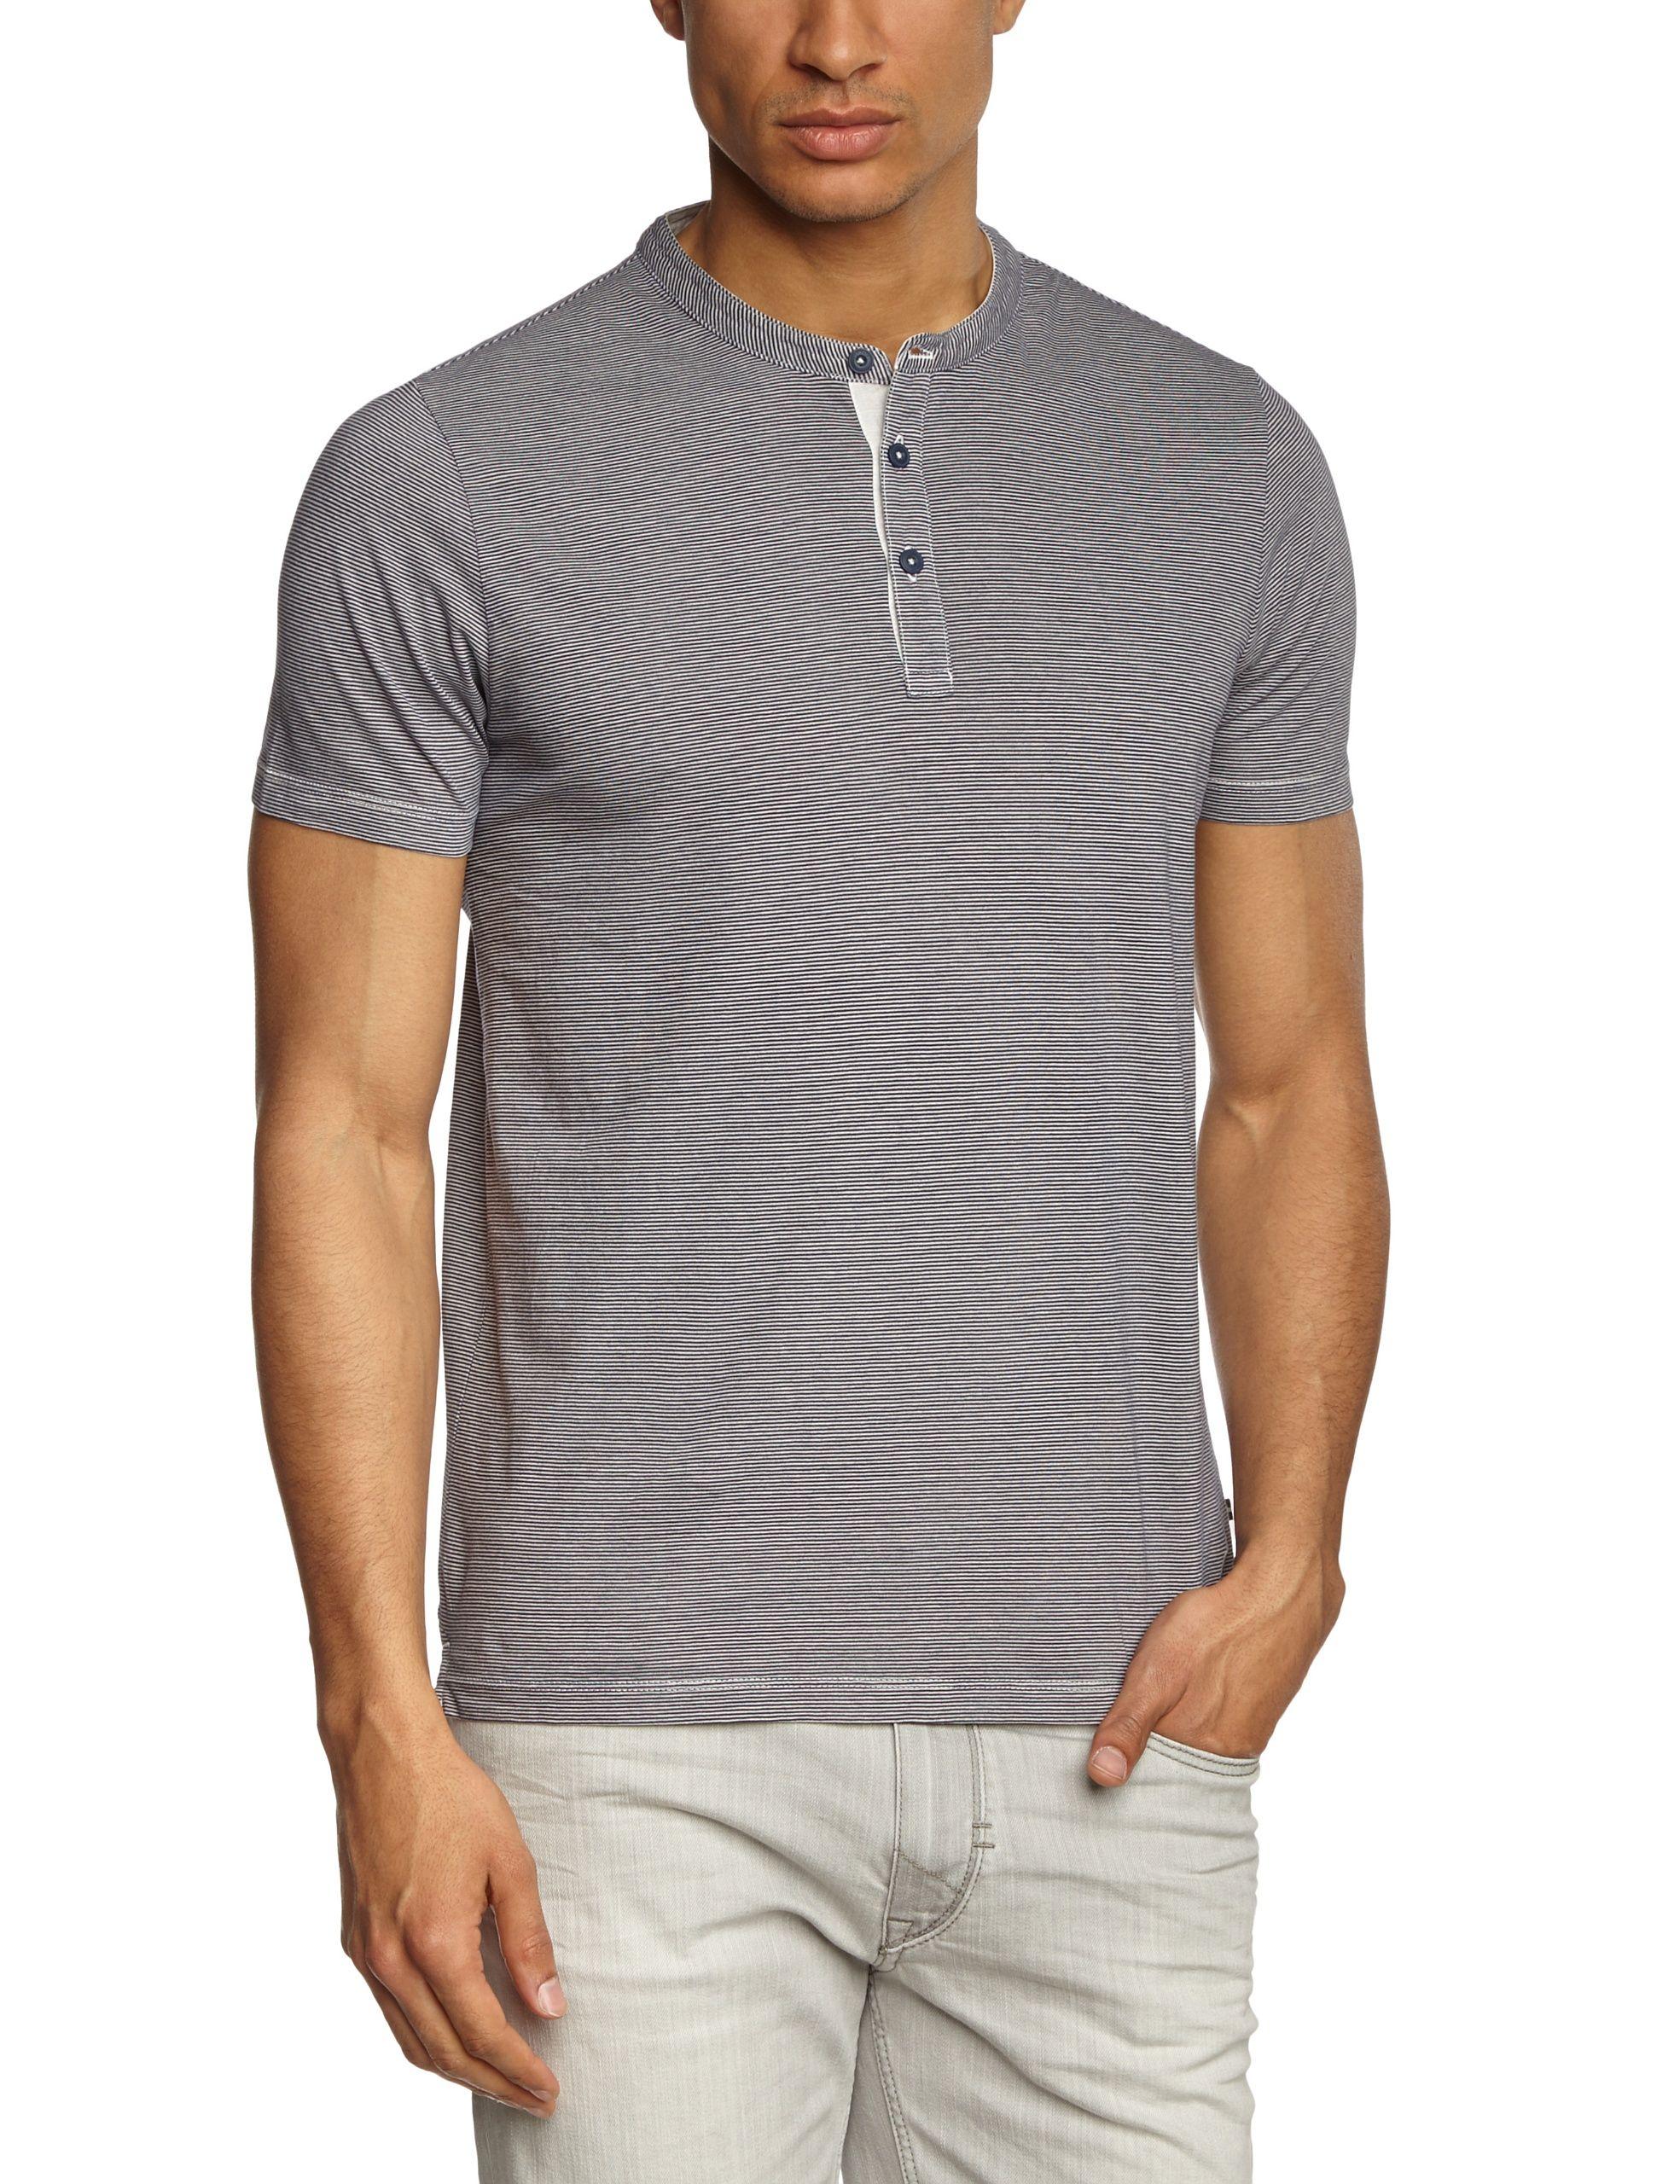 0cd80f505 Marc O Polo • Camiseta de manga corta con cuello con botones para hombre